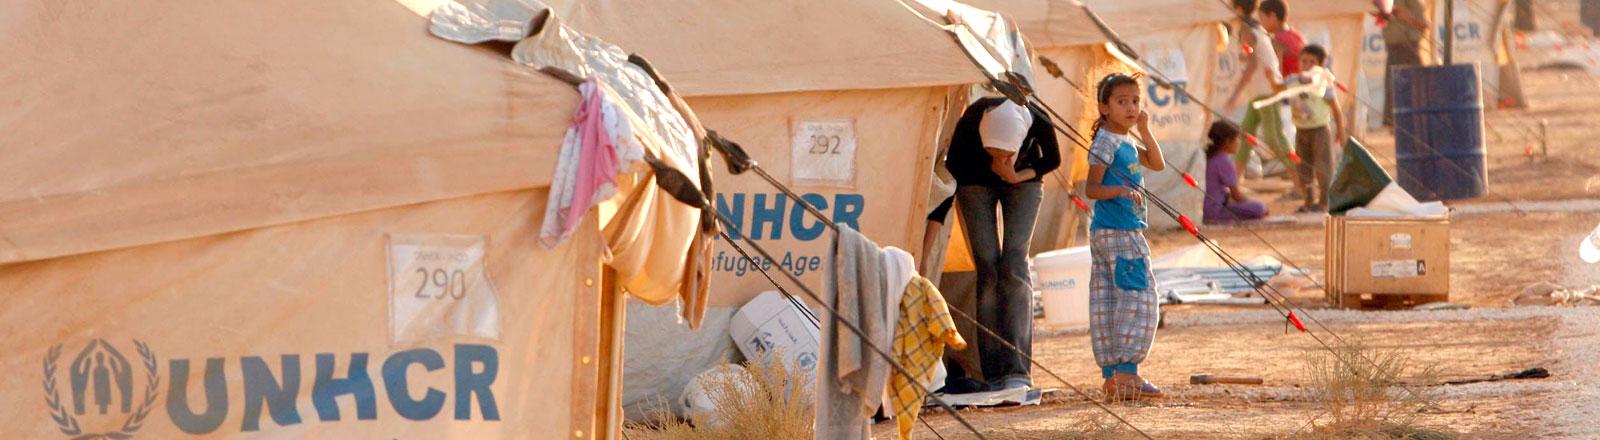 Syrisches Flüchtlingscamp des UNHCR in Jordanien.